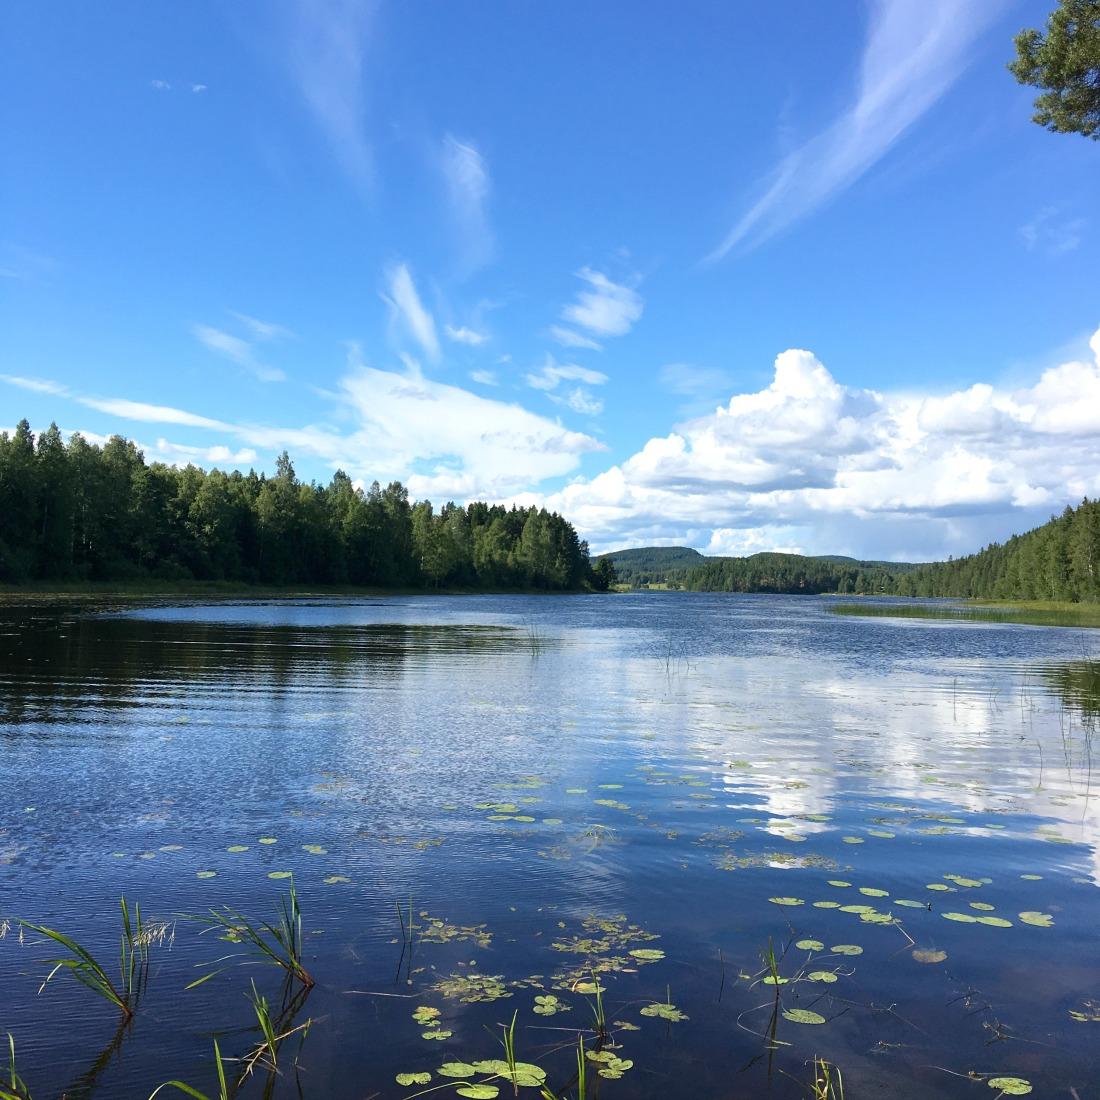 Schweden-reiseblog-klara-fuchs-fitnessblog-gesundheit-reise-blog-sverige-schweden-d